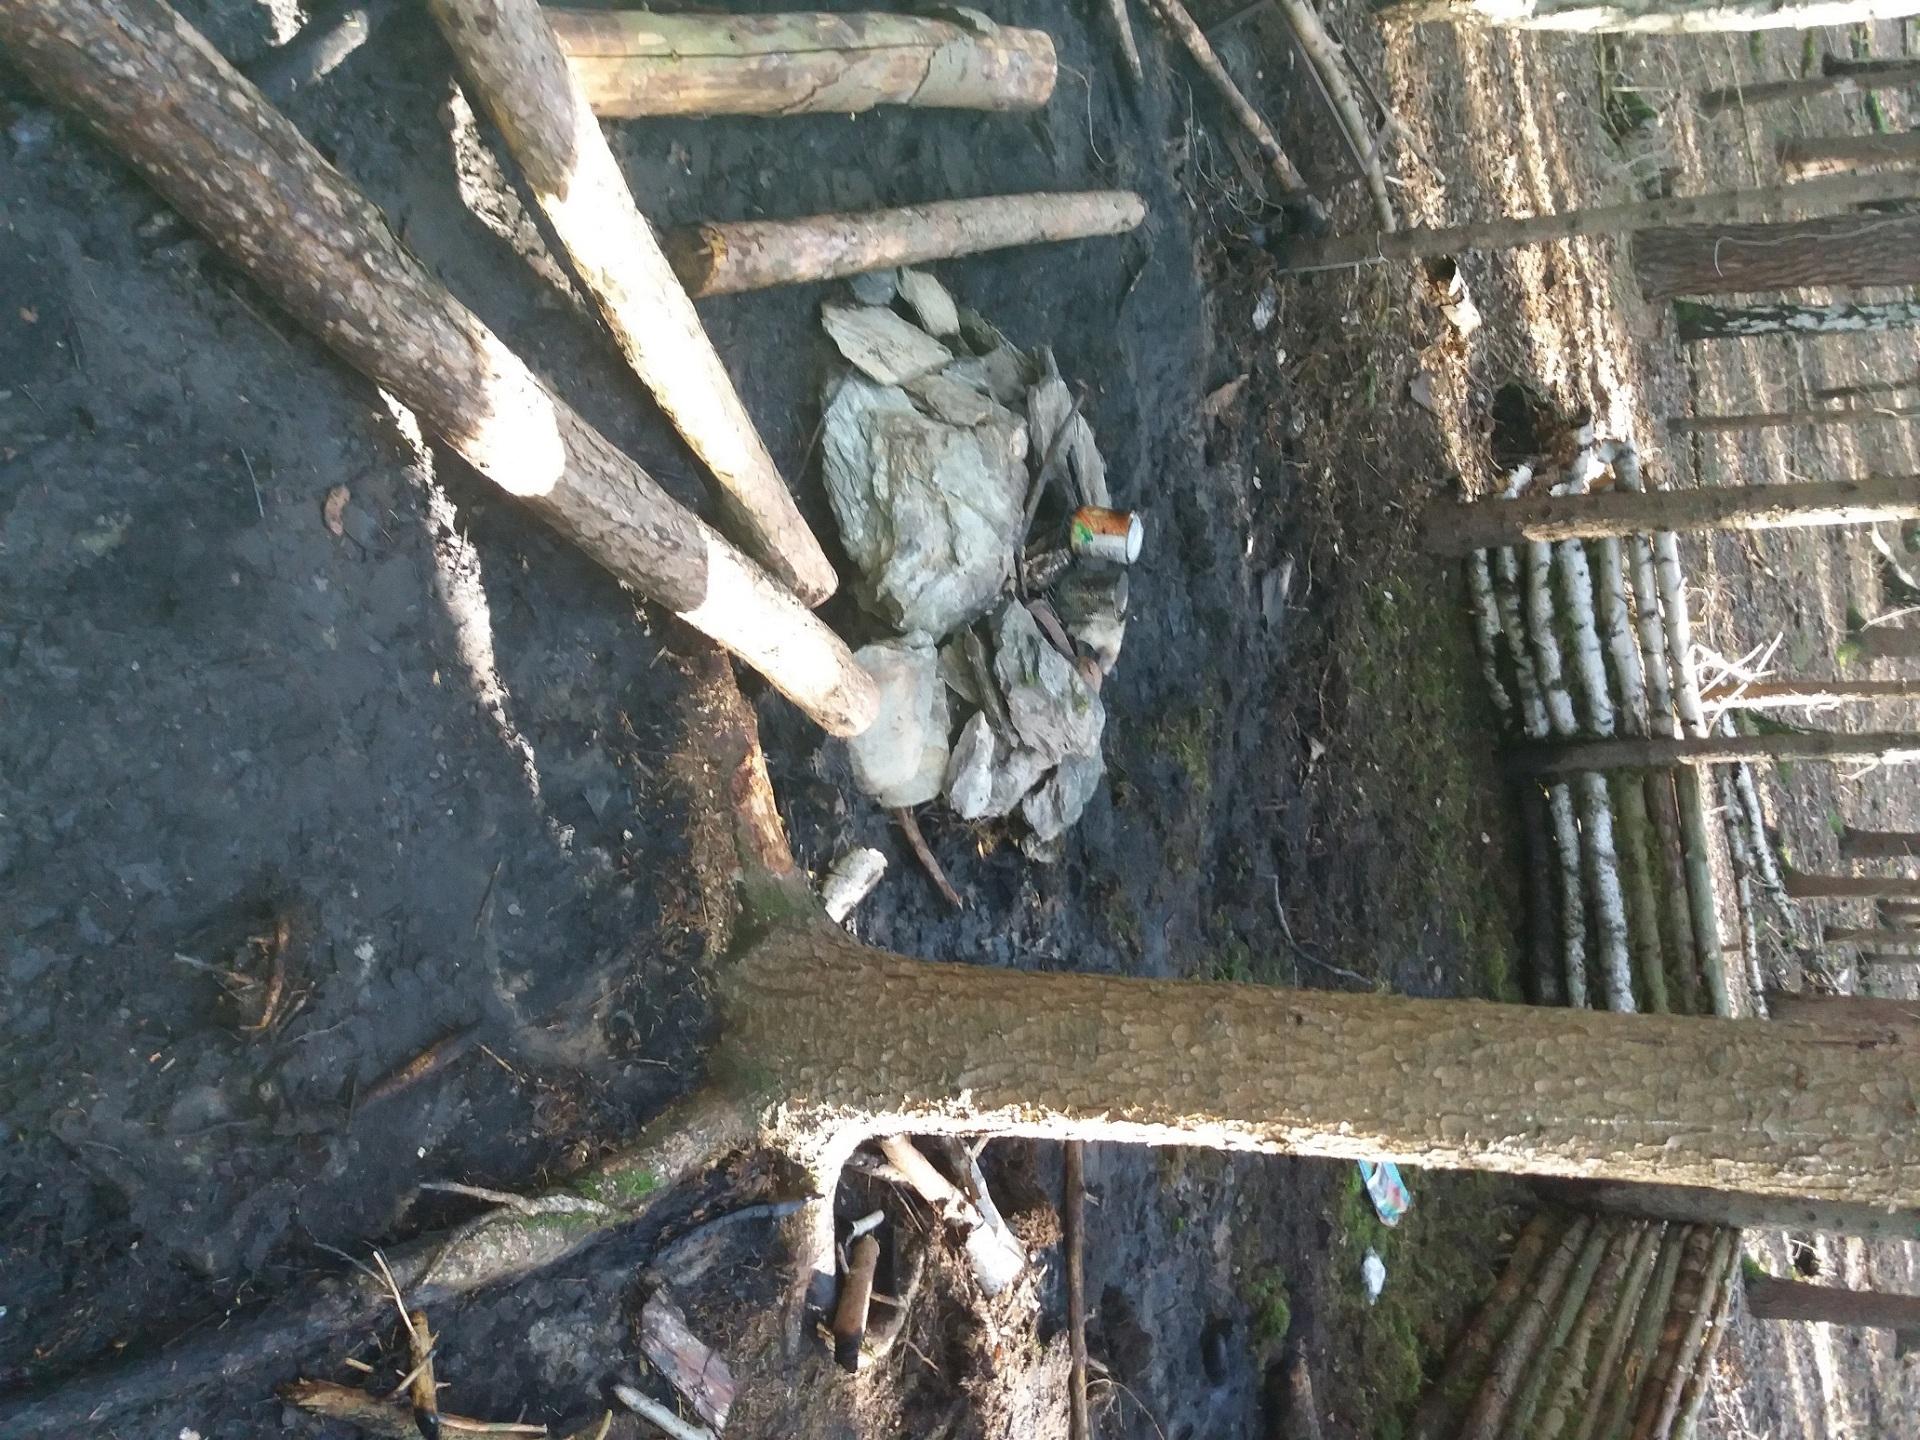 Zum wiederholten Mal innerhalb kürzester Zeit wurde die FFW Greiz am Sonntag, den 17.April zur Bekämpfung eines Waldbrandes gerufen.